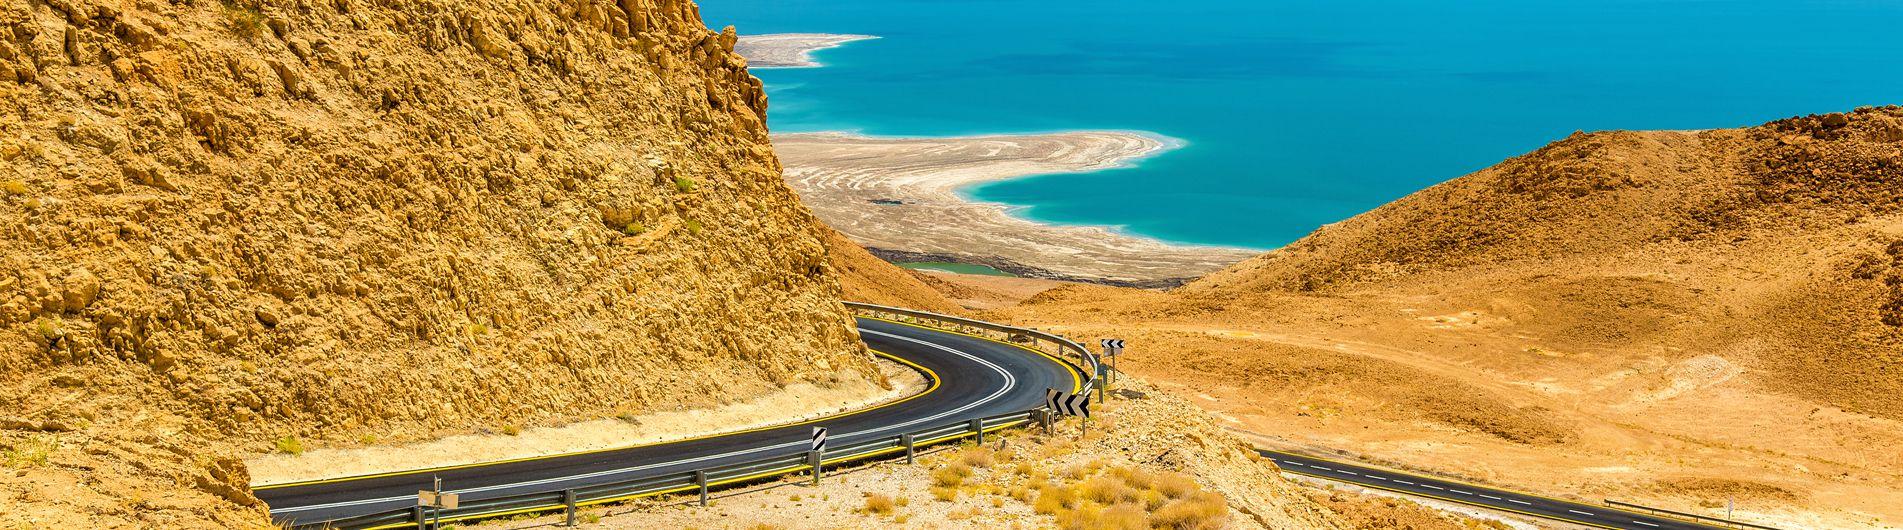 Dead Sea Israel Holidays